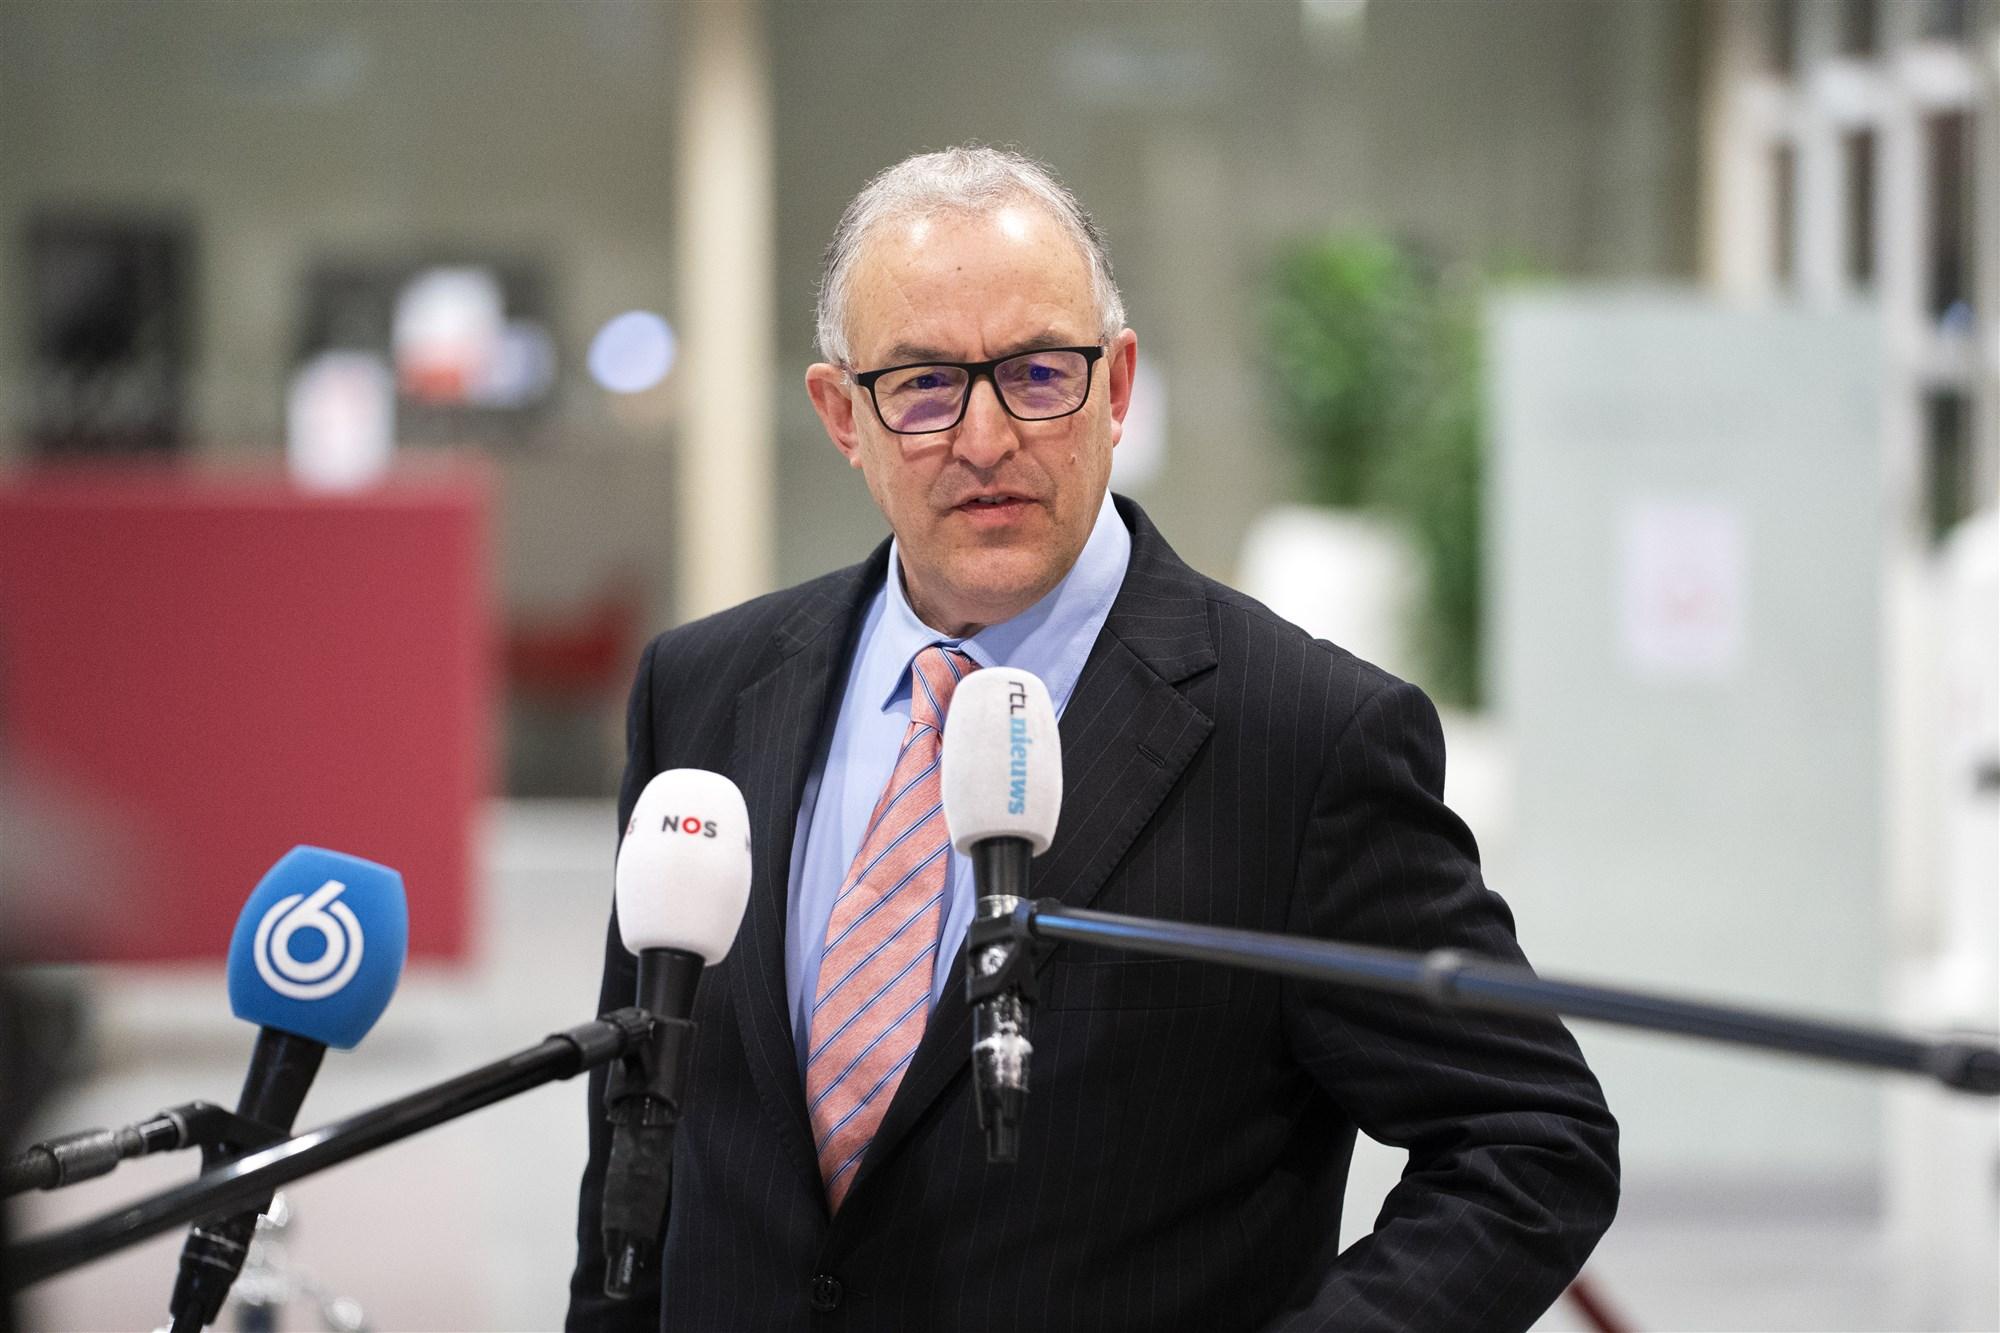 Burgemeester Ahmed Aboutaleb avondklokrellen Rotterdam